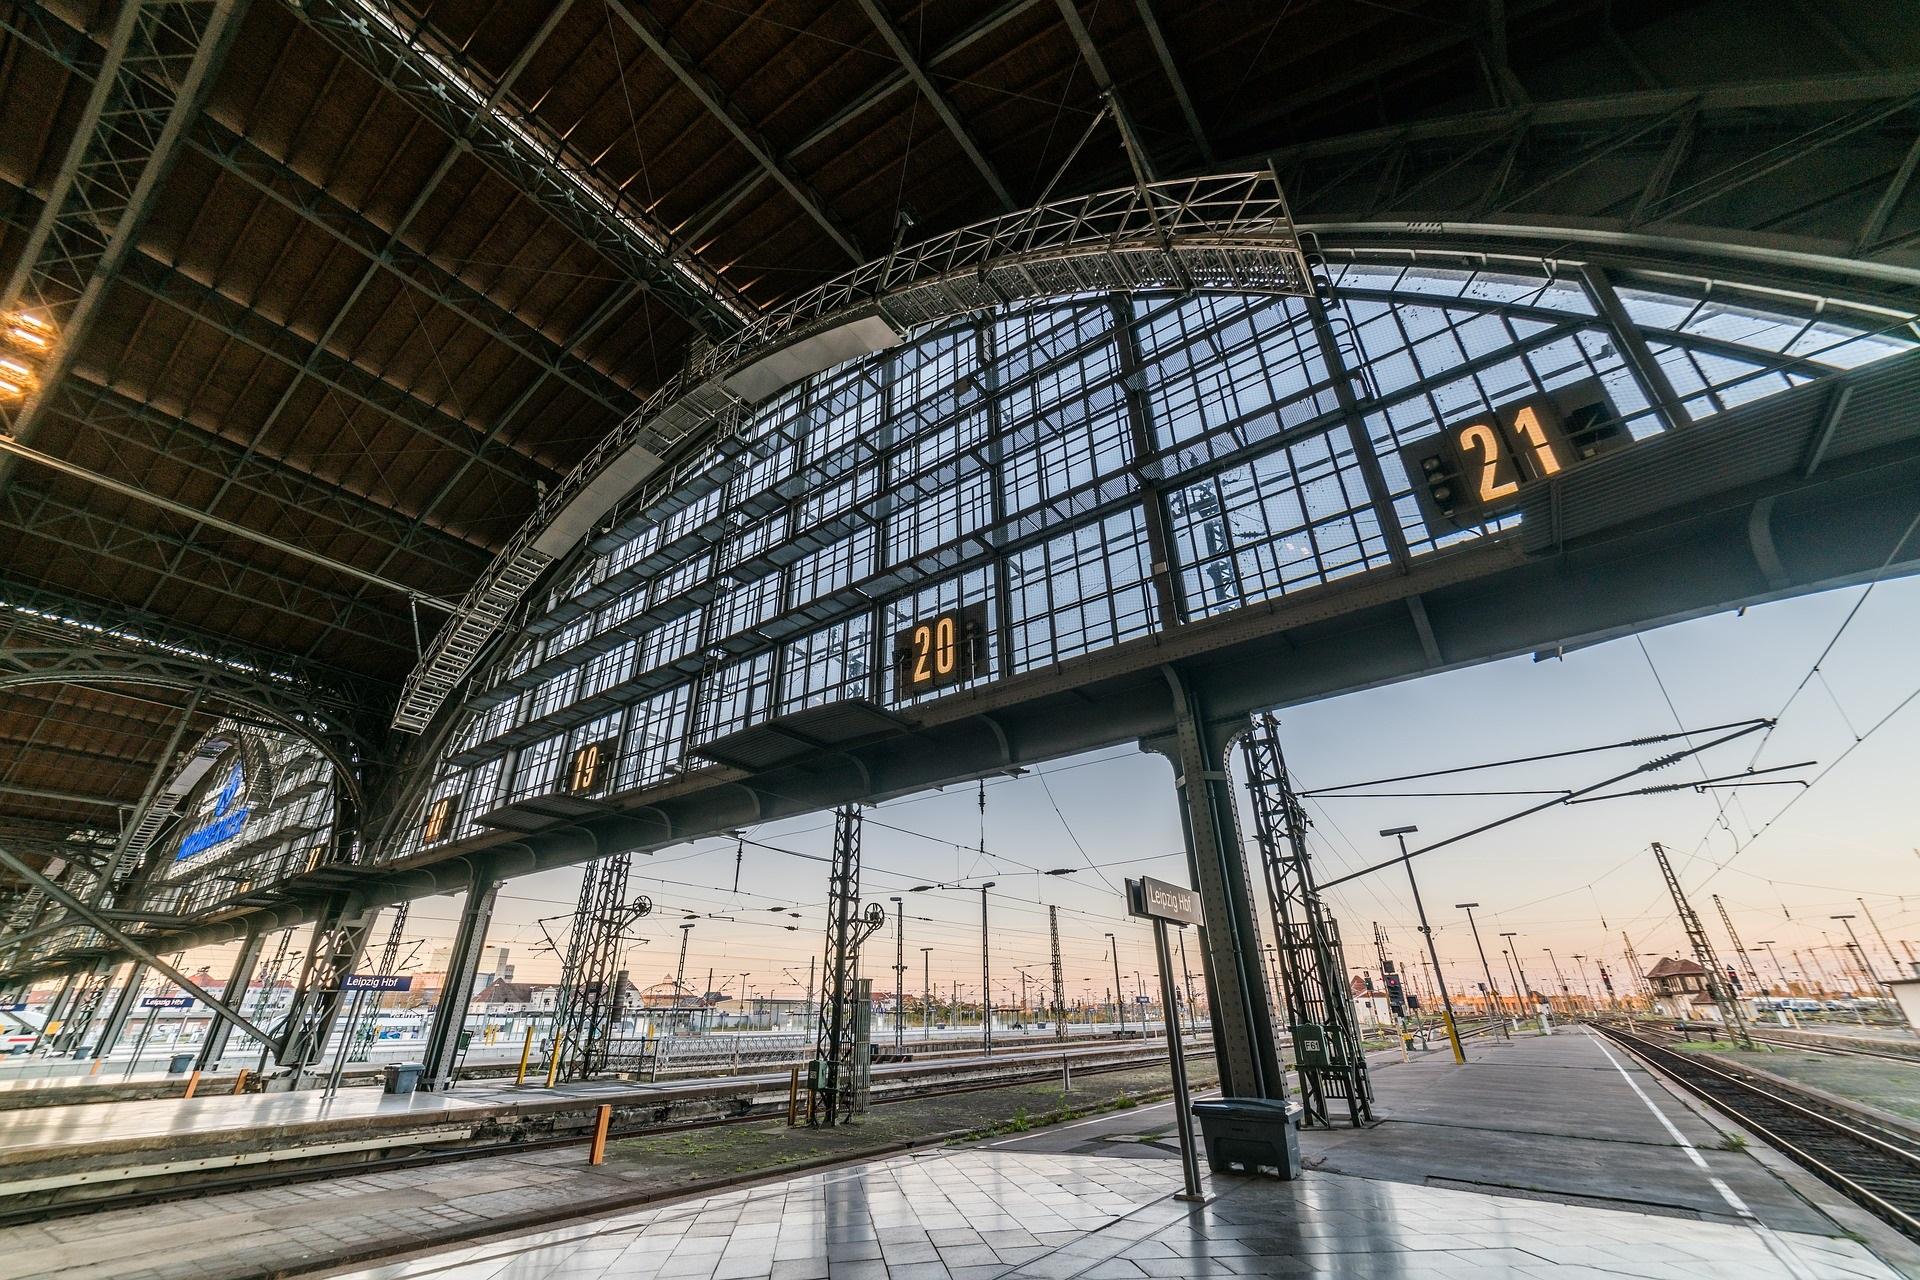 La gare centrale de Leipzig et station de S-Bahn Wilhelm-Leuschner-Platz